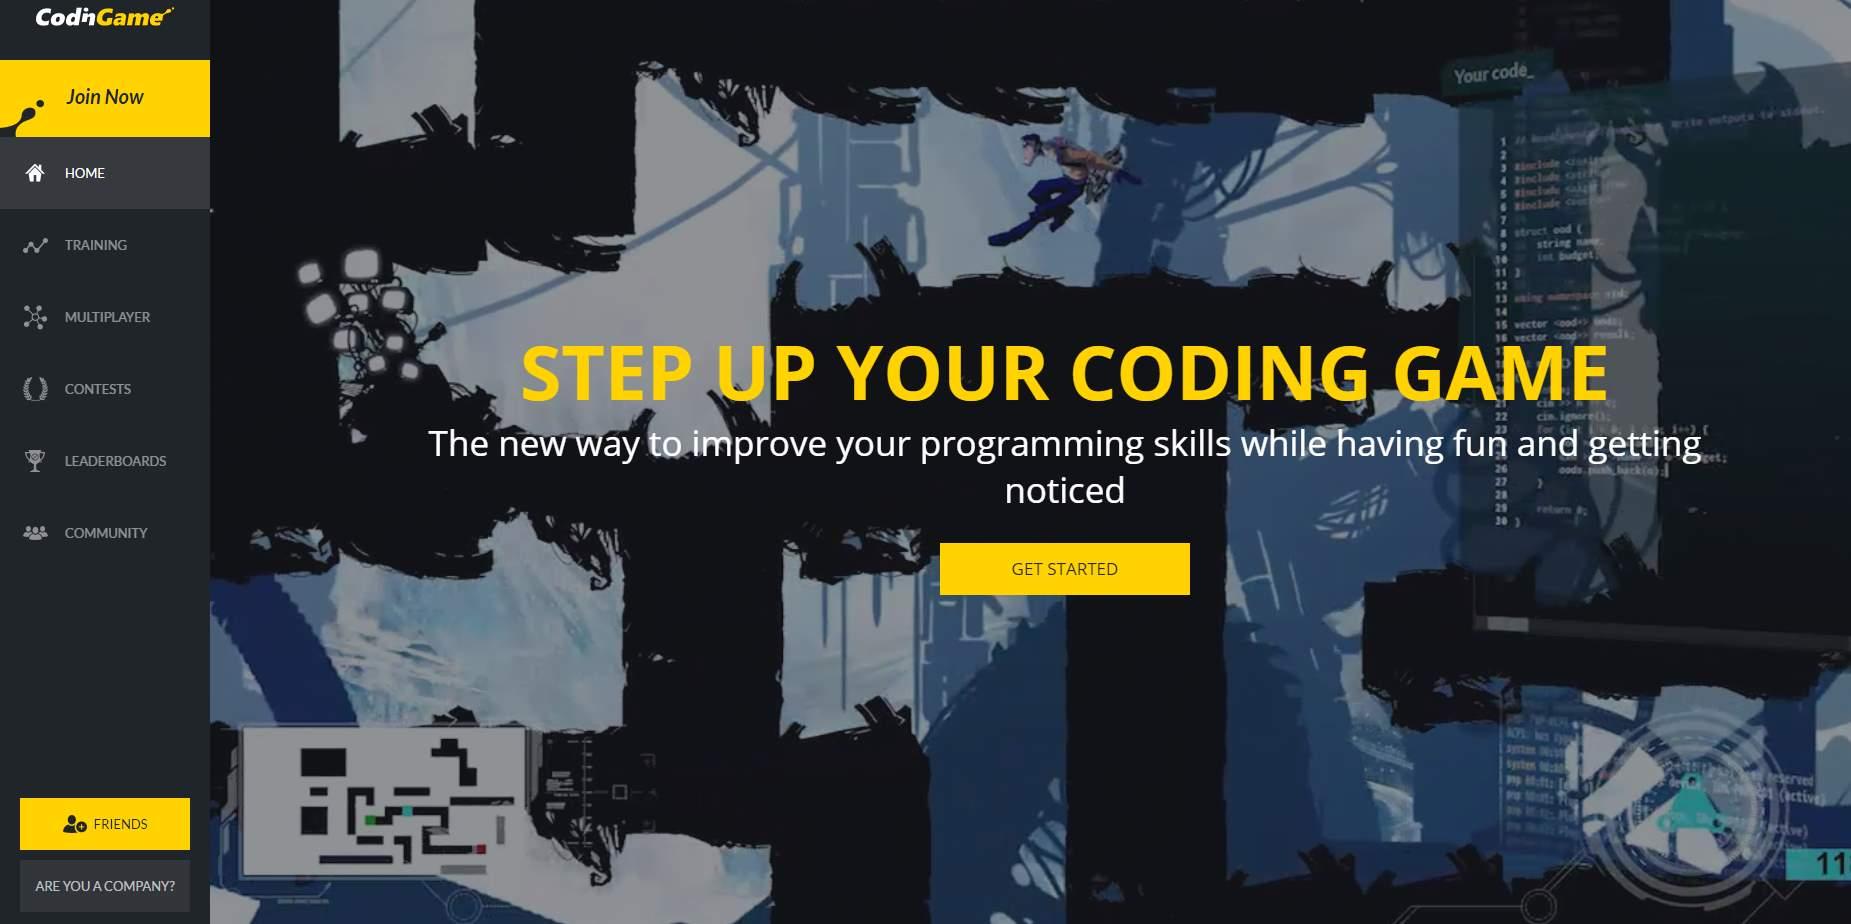 codingame, para practicar programación haciendo juegos